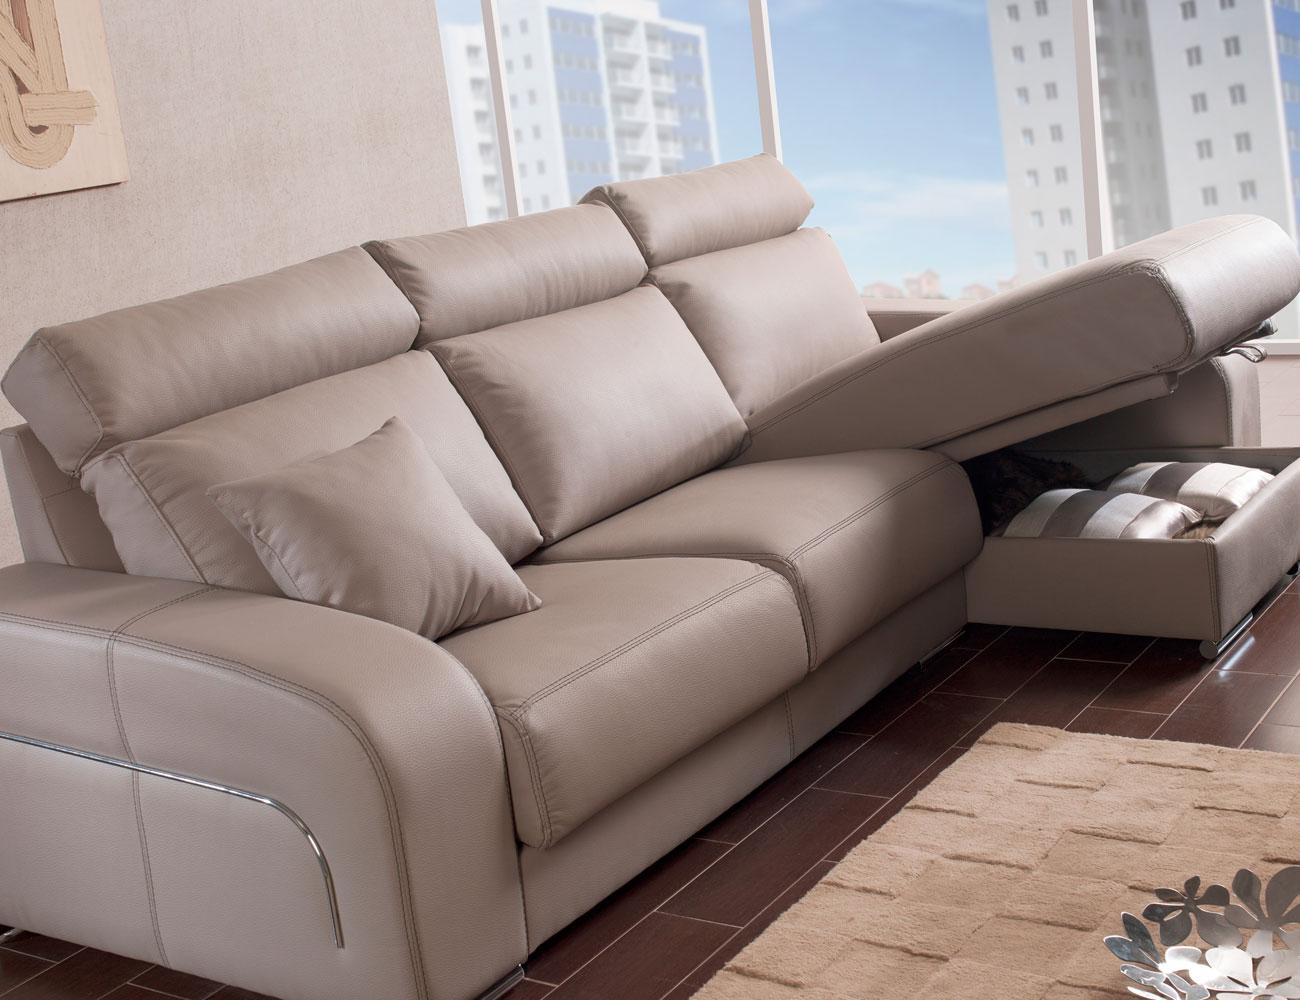 Sofa chaiselongue moderno pared cero arcon34